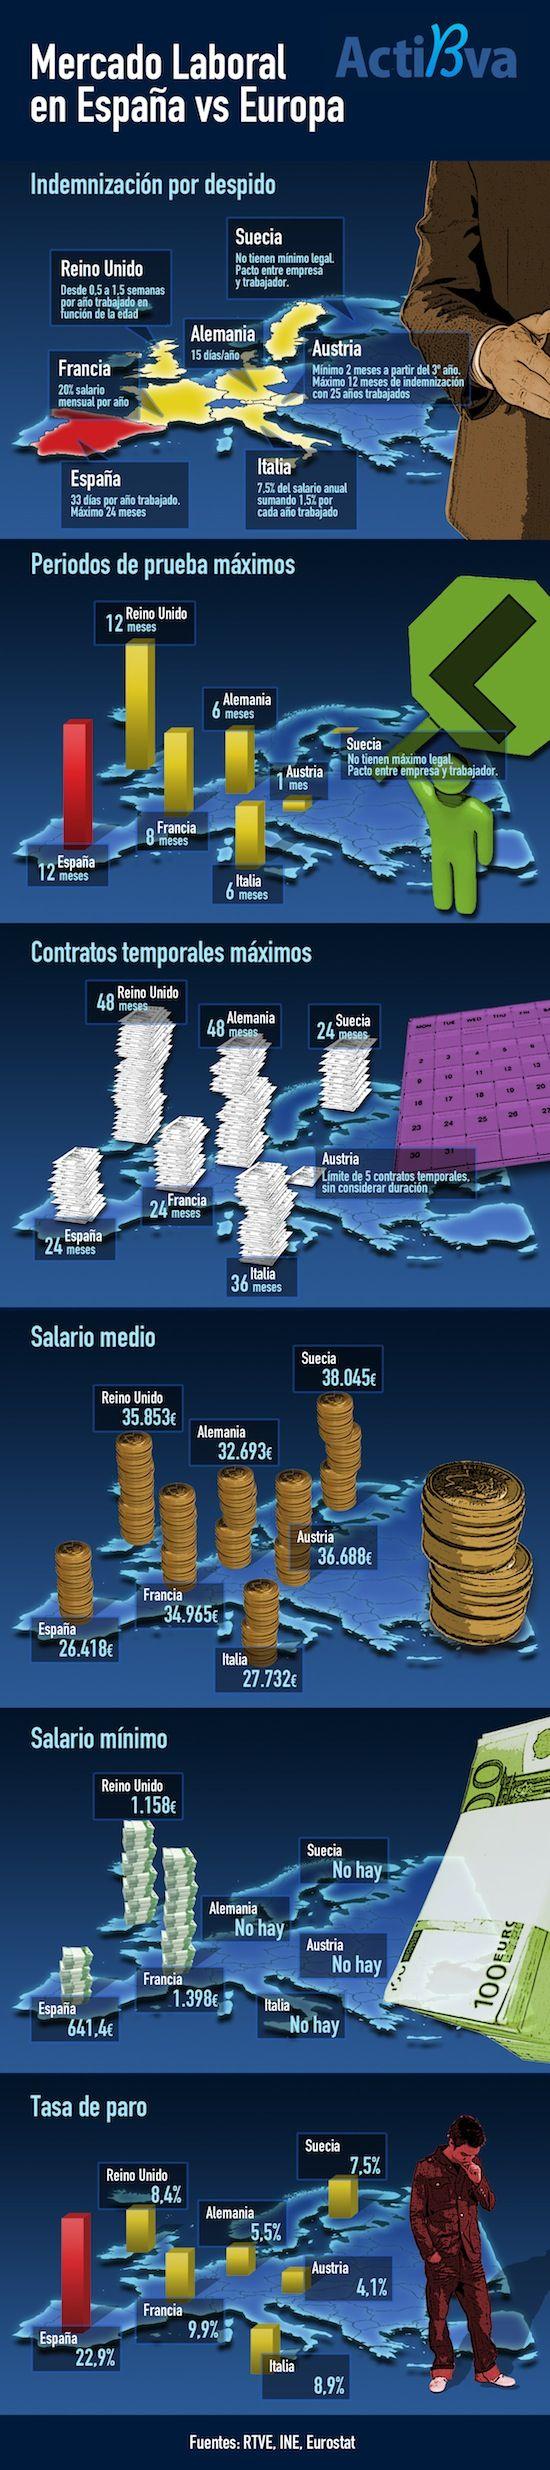 Mercado Laboral España Vs Europa